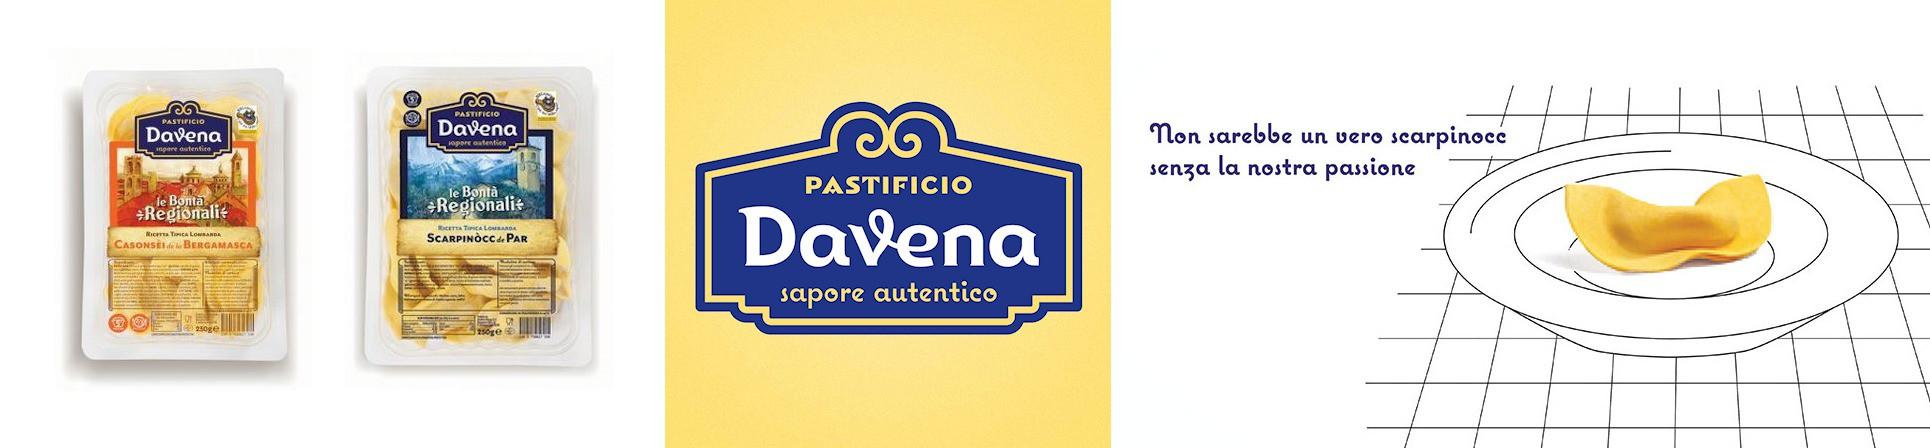 B2B GUSTOX - il Marketplace all'ingrosso delle eccellenze agroalimentari italiane - Pastificio Davena